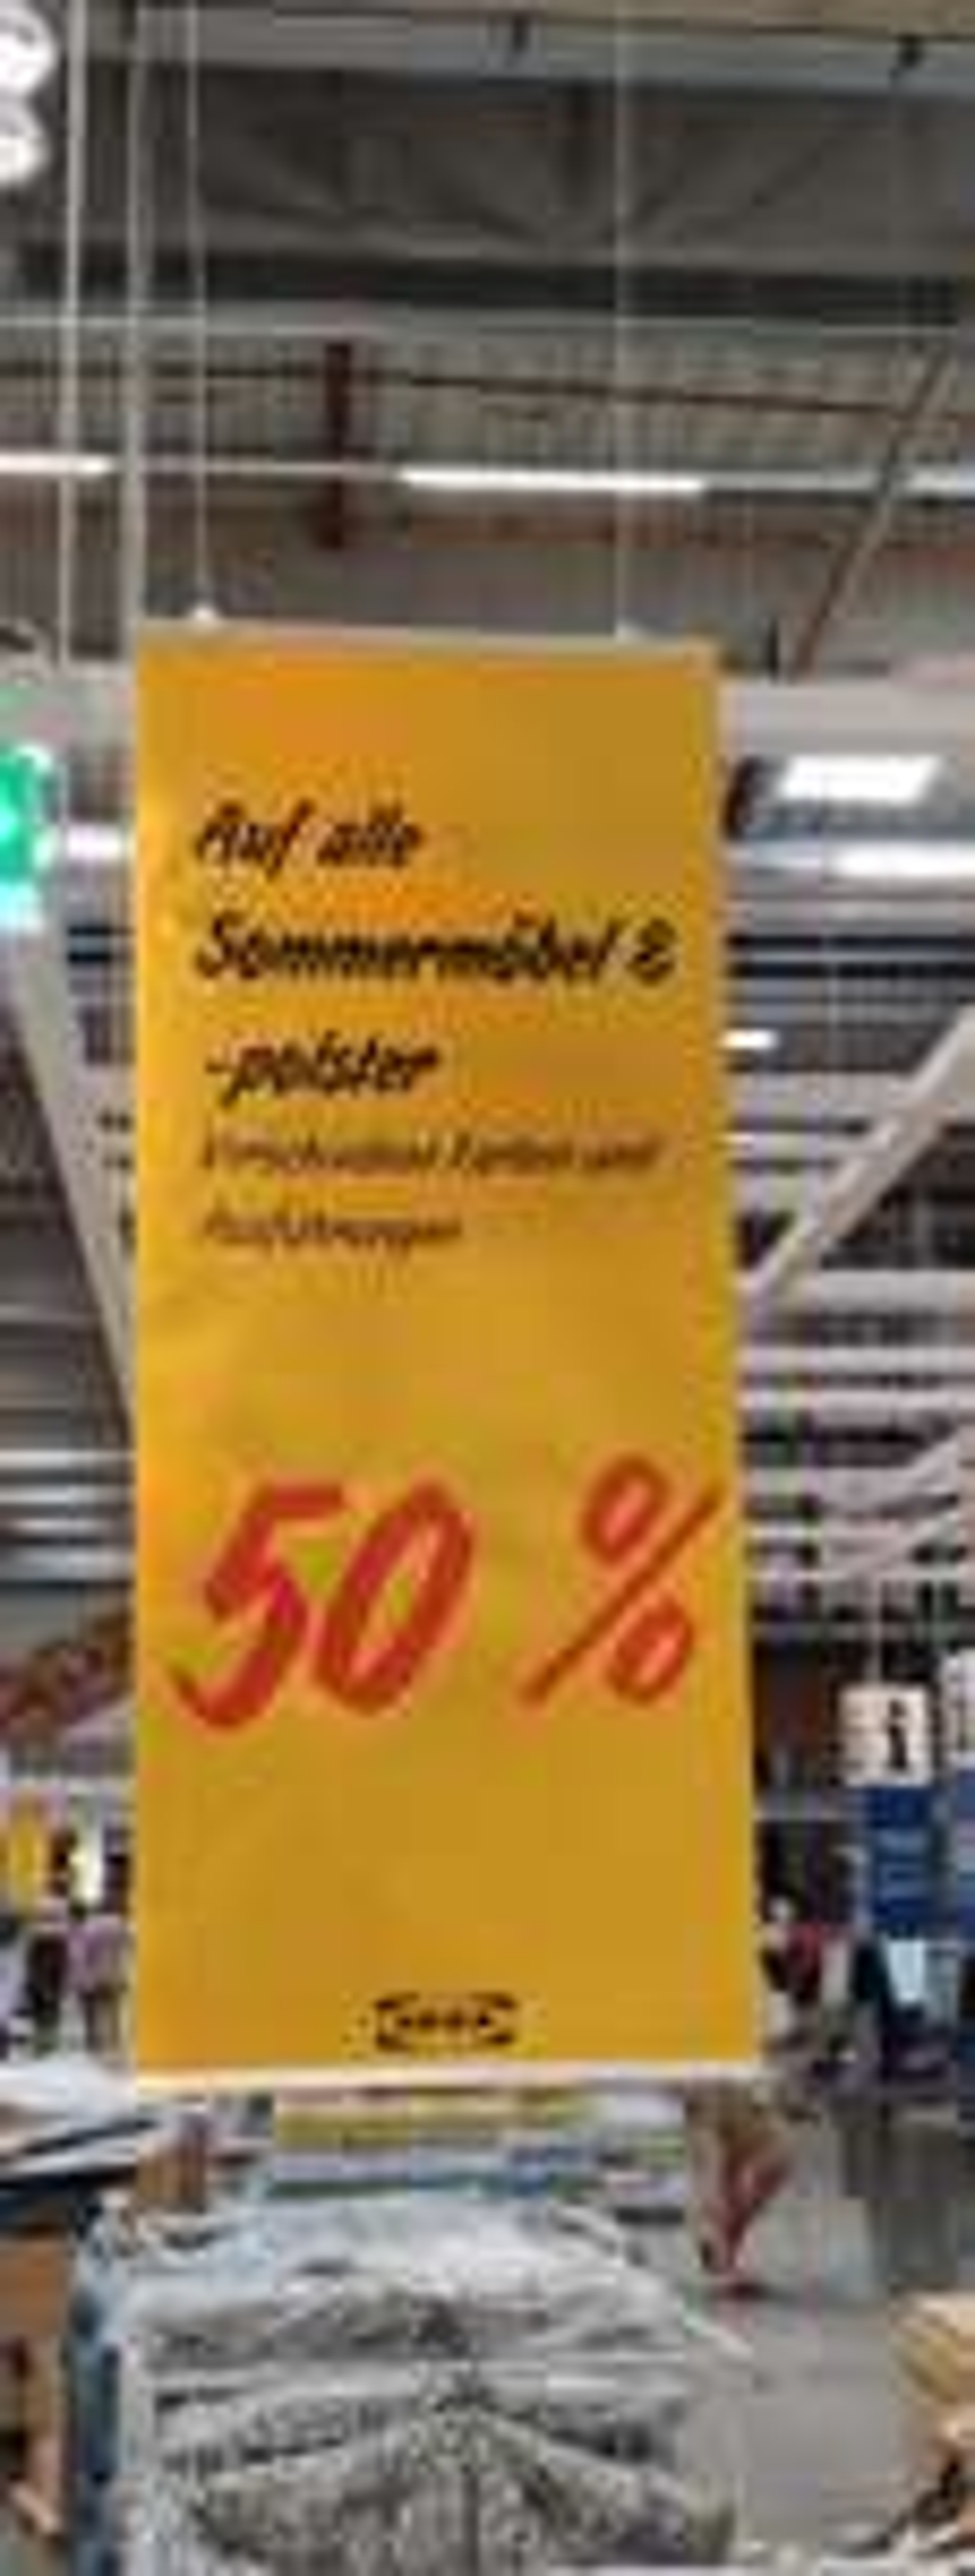 [Ikea Bielefeld] 50% auf alle Sommermöbel und -polster